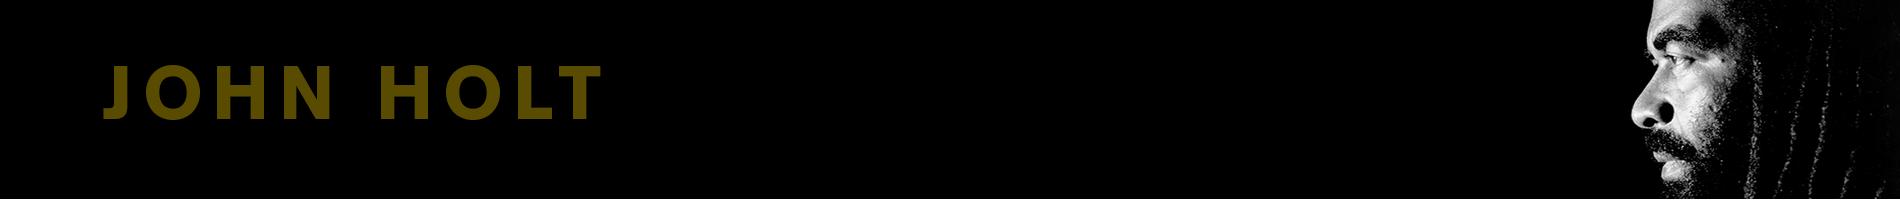 john-holt-banner-vp-reggae-1900x200b.png